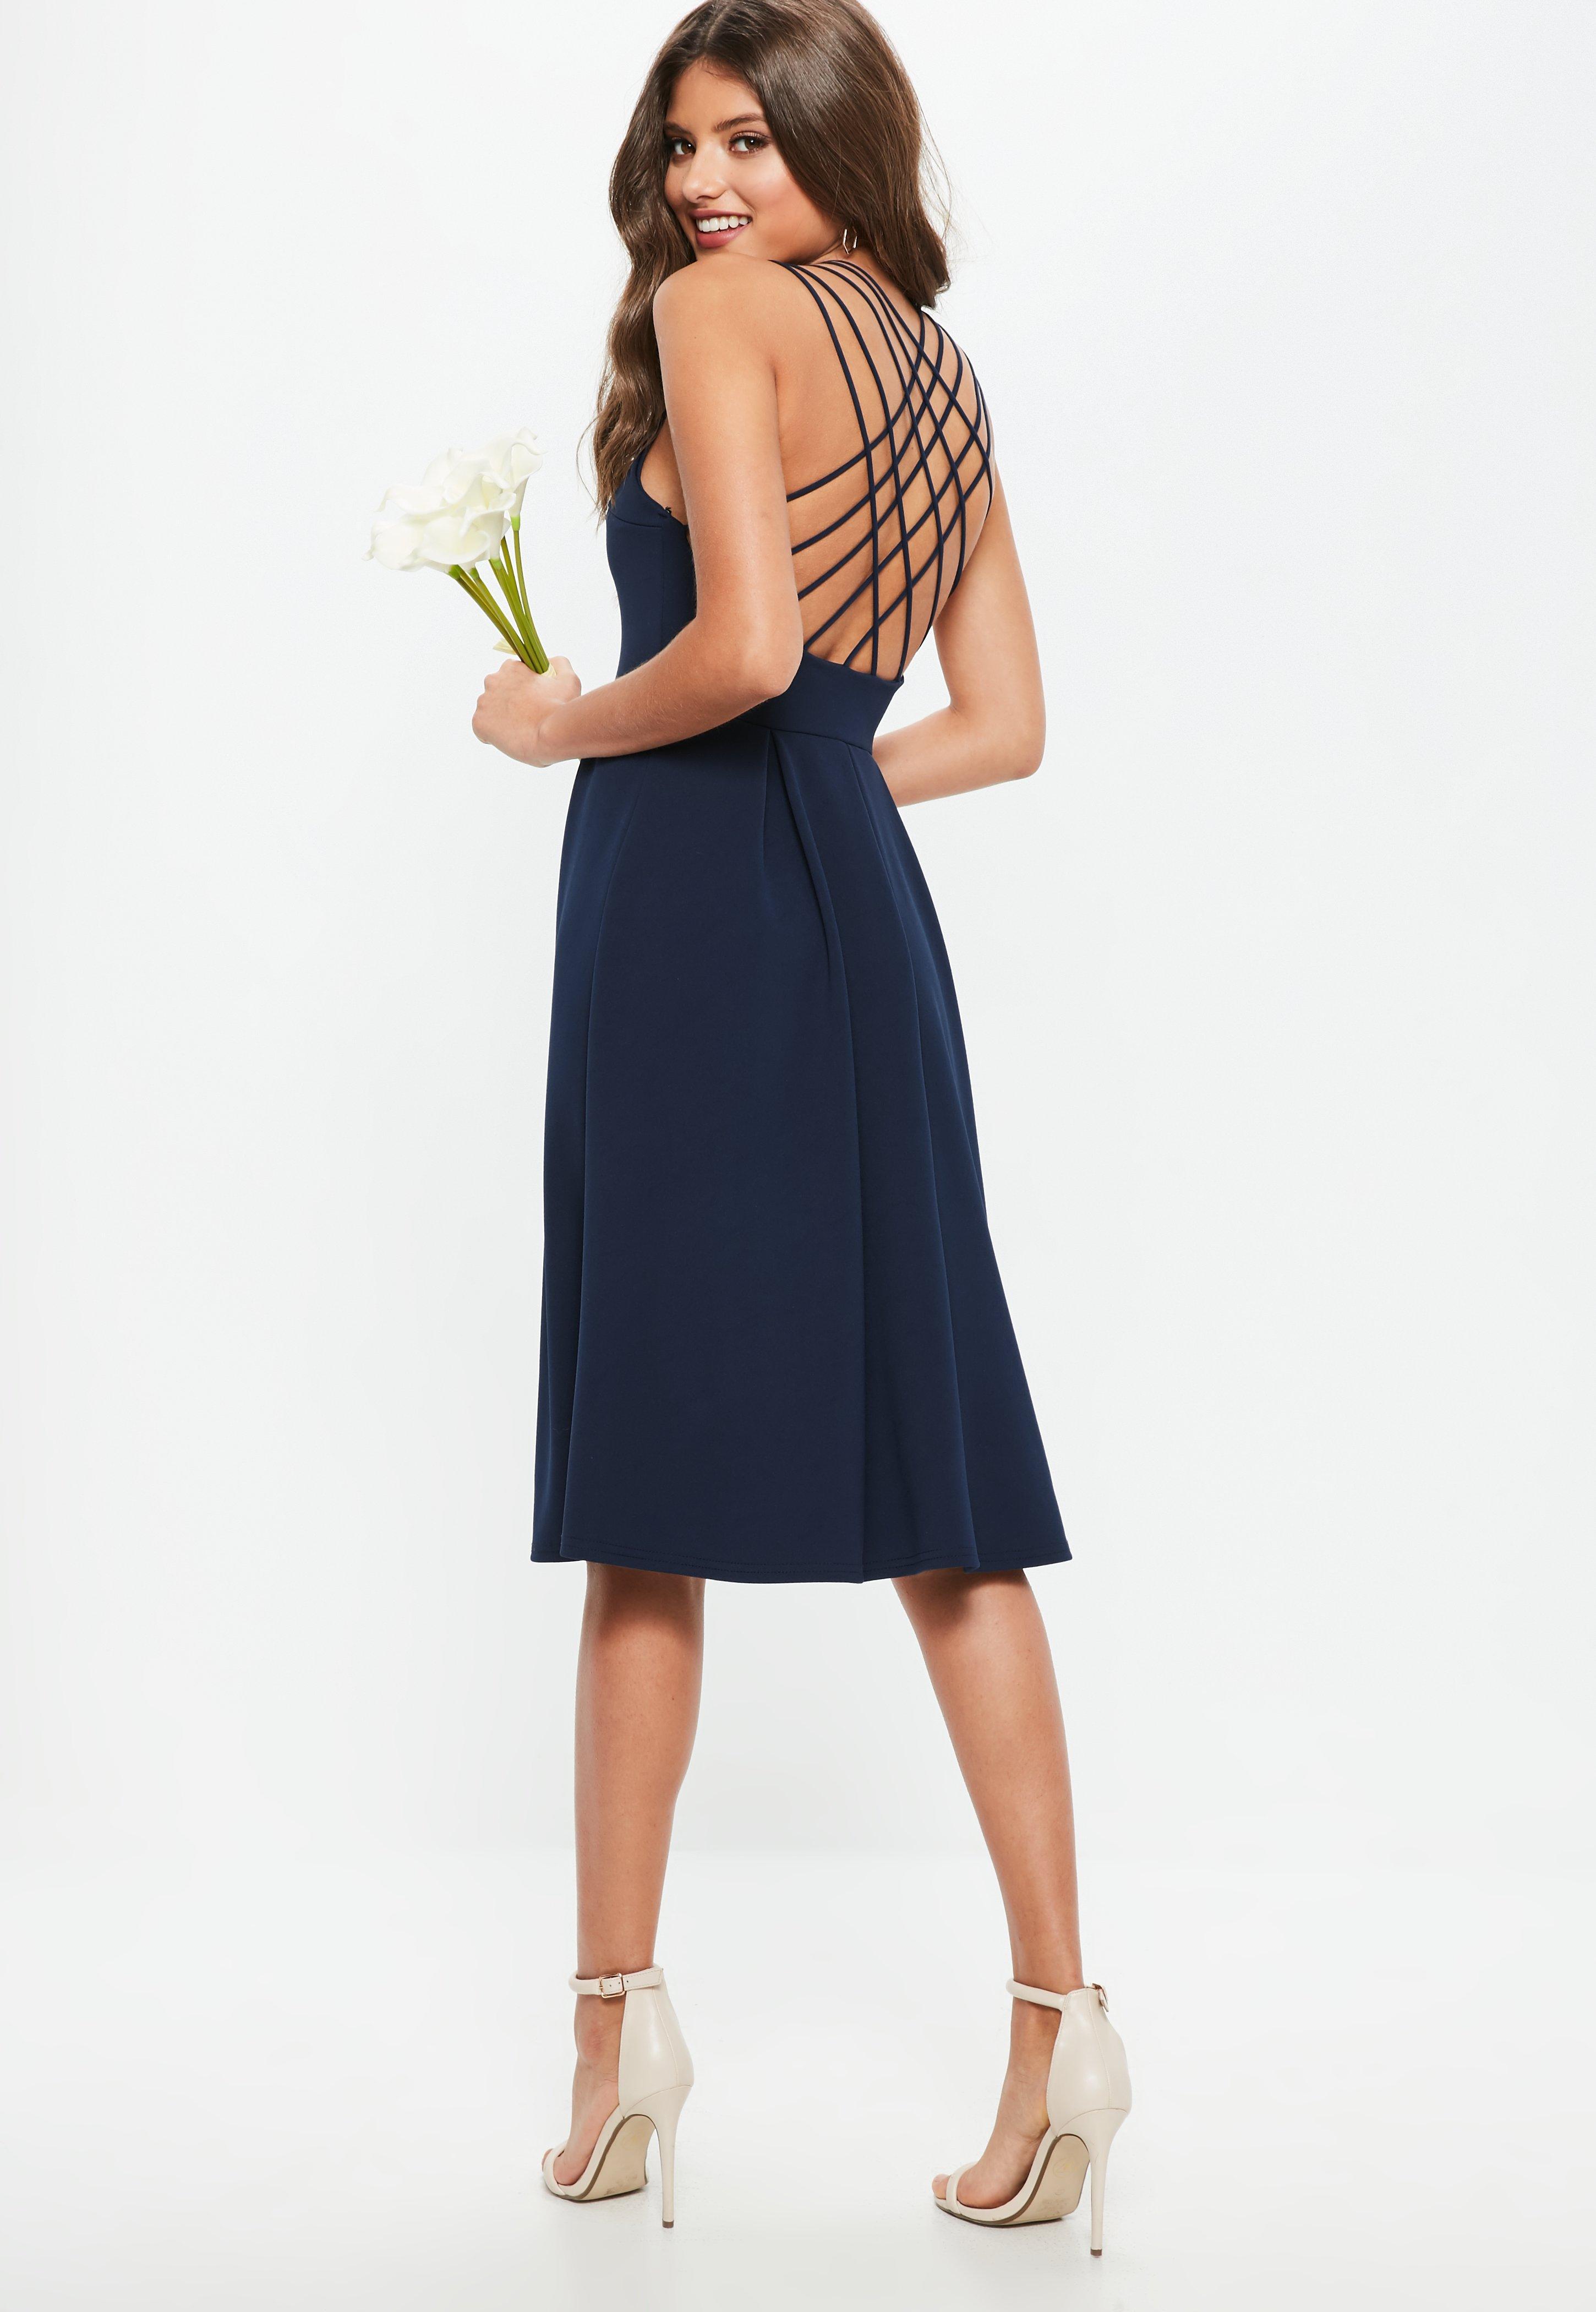 30886ca31c Druhna Granatowa rozkloszowana sukienka midi z krzyżowanymi ramiączkami